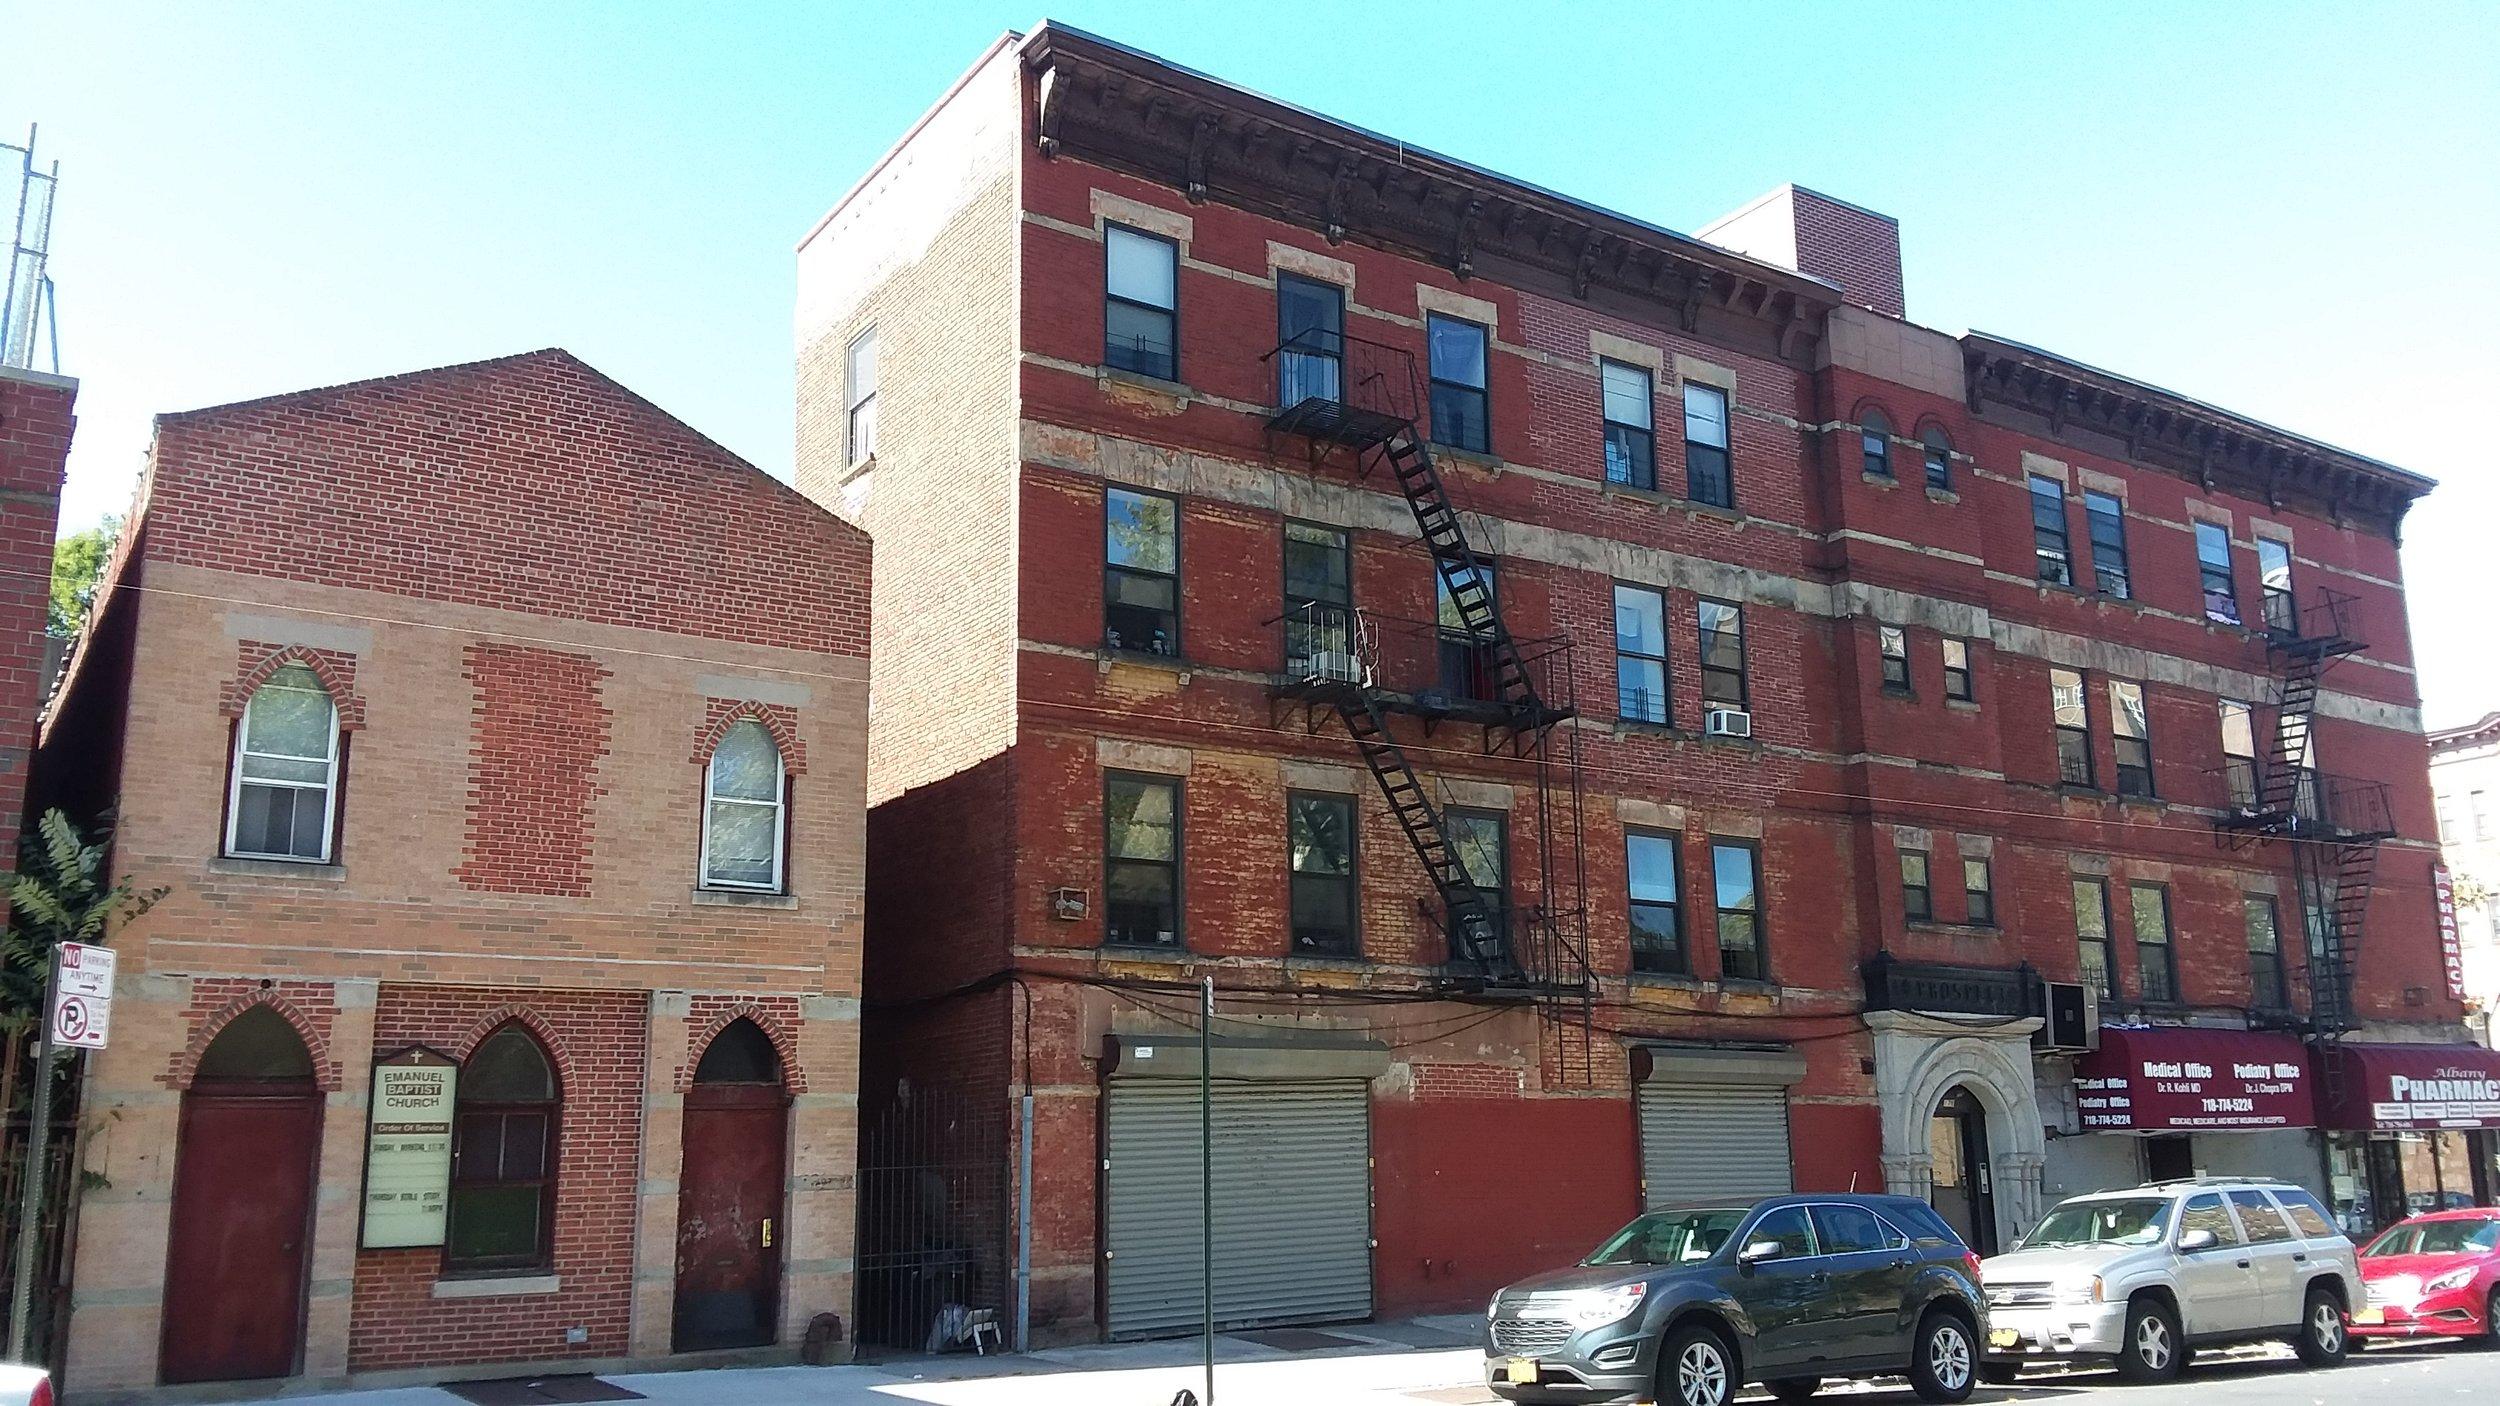 182 Albany Ave., Brooklyn, NY. Photo: Darryl Montgomery.